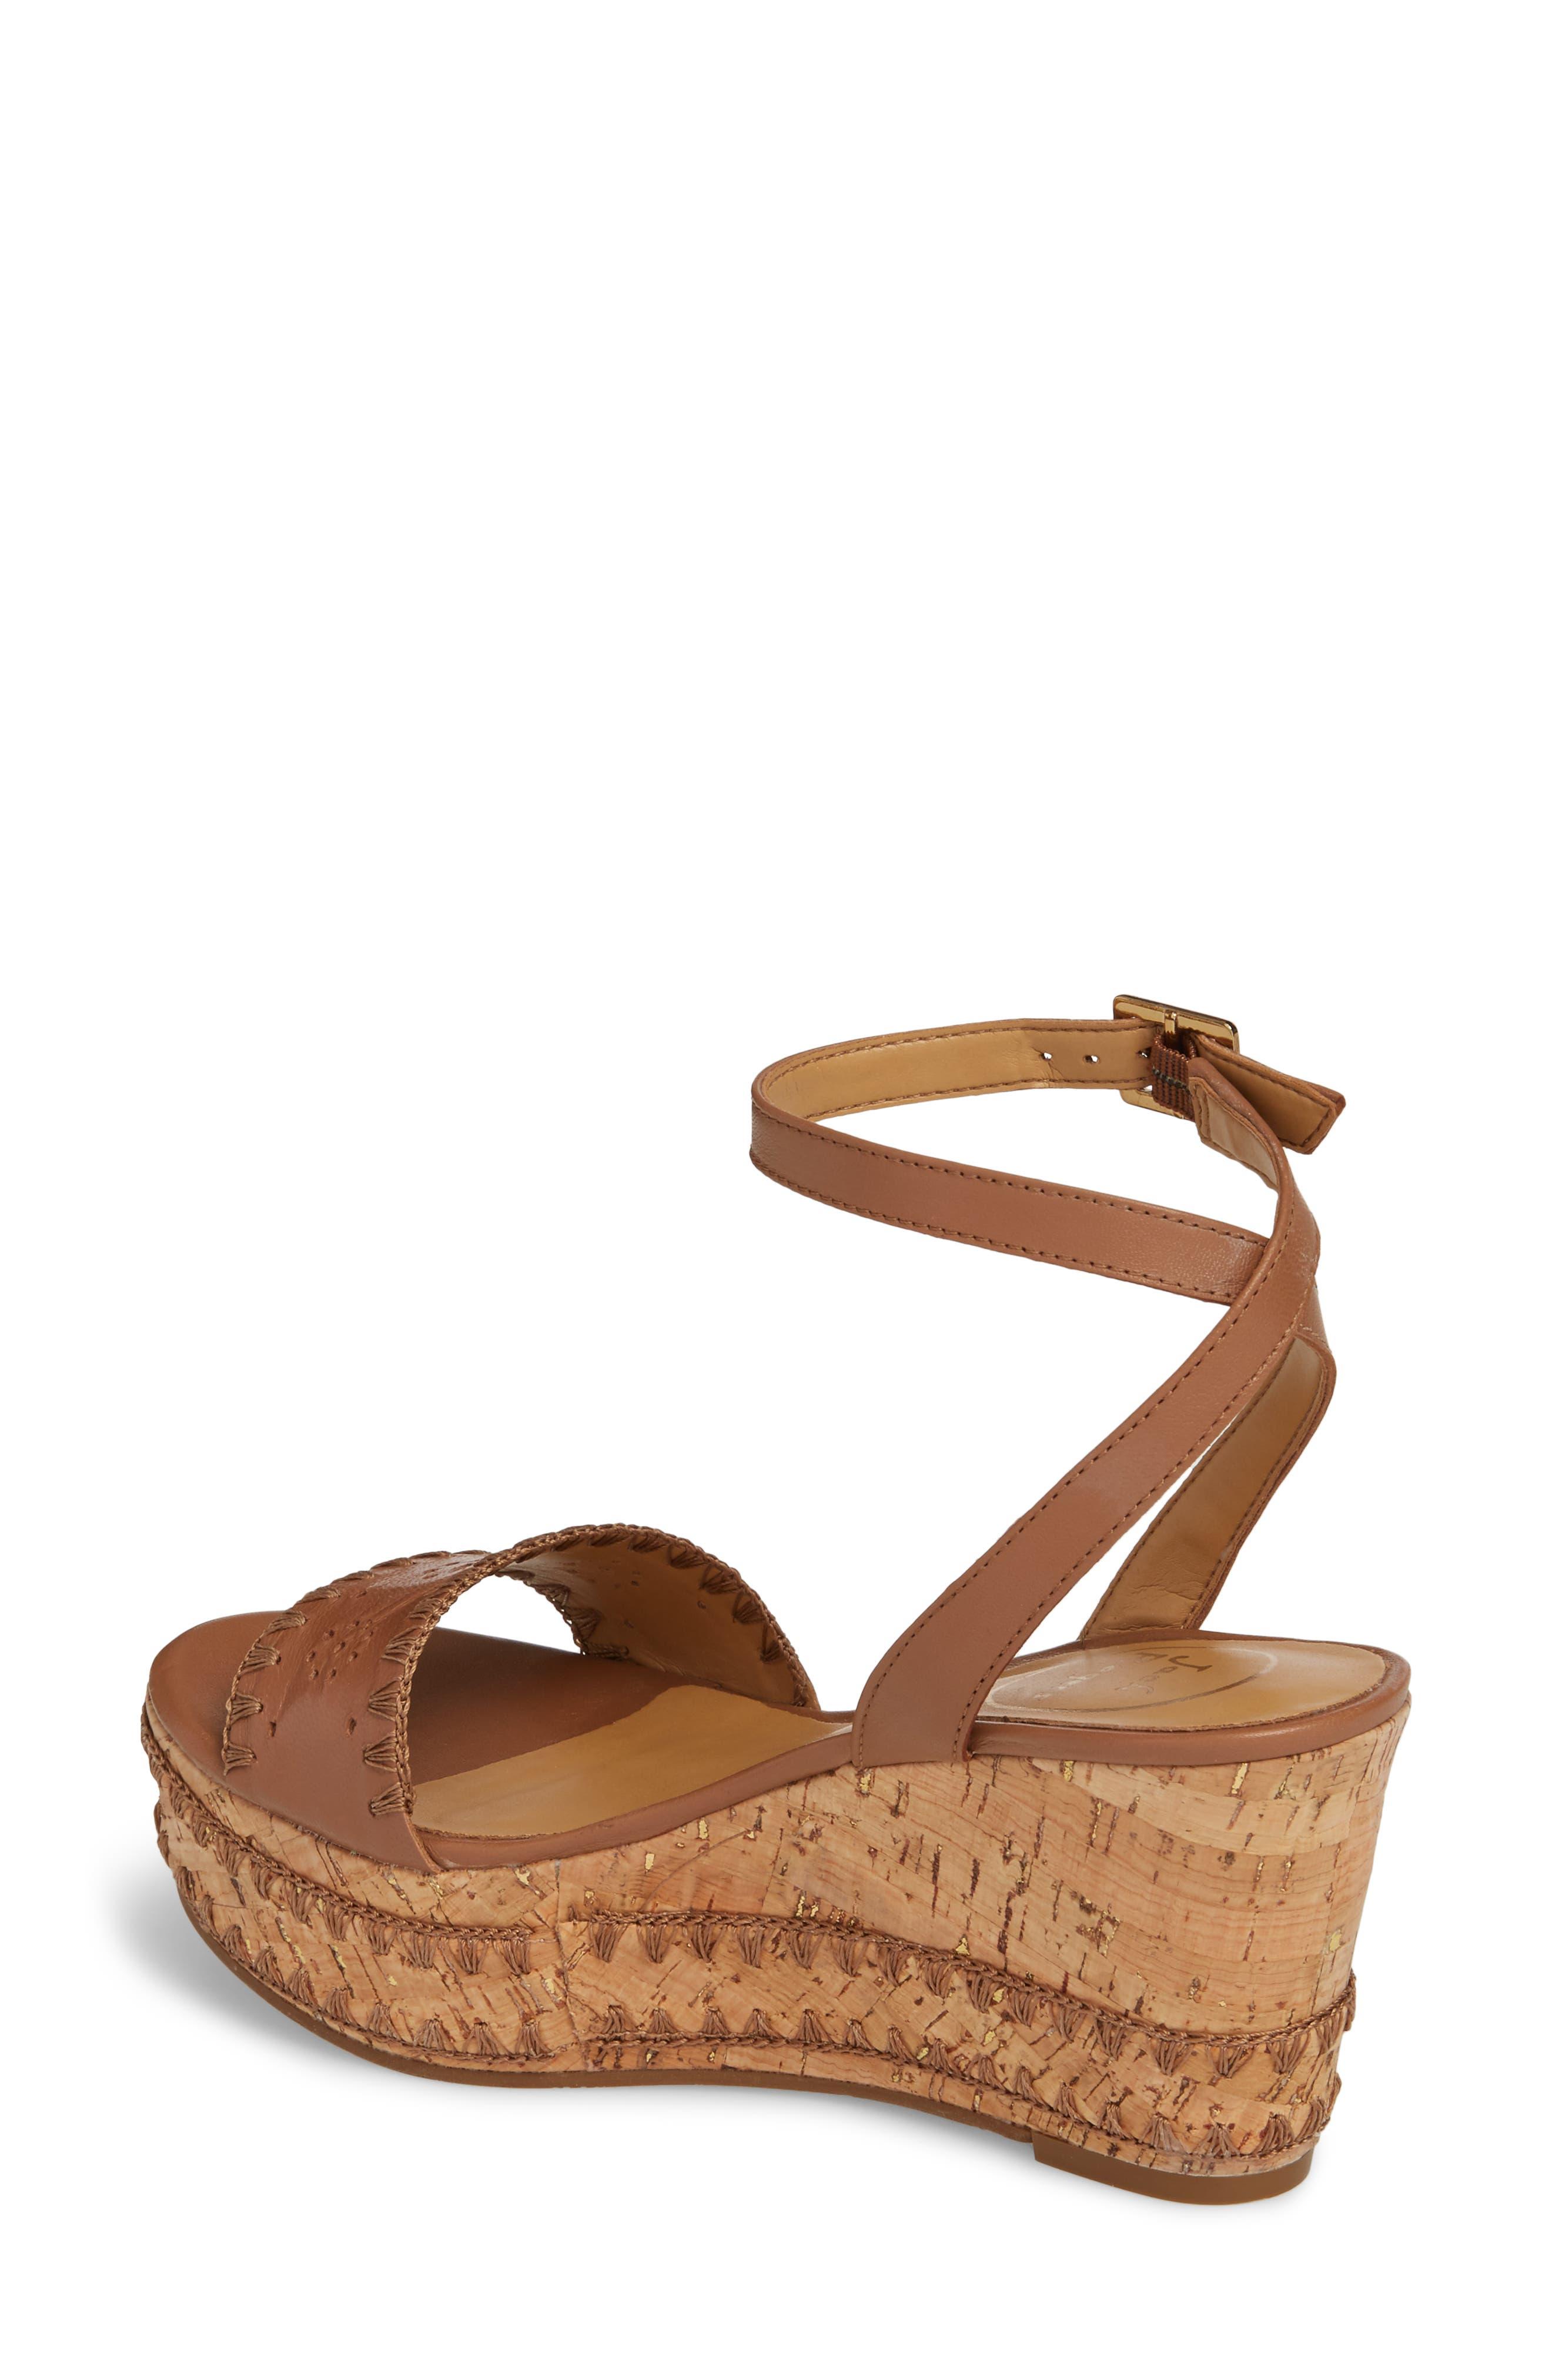 Lennon Platform Wedge Sandal,                             Alternate thumbnail 2, color,                             Cognac Leather